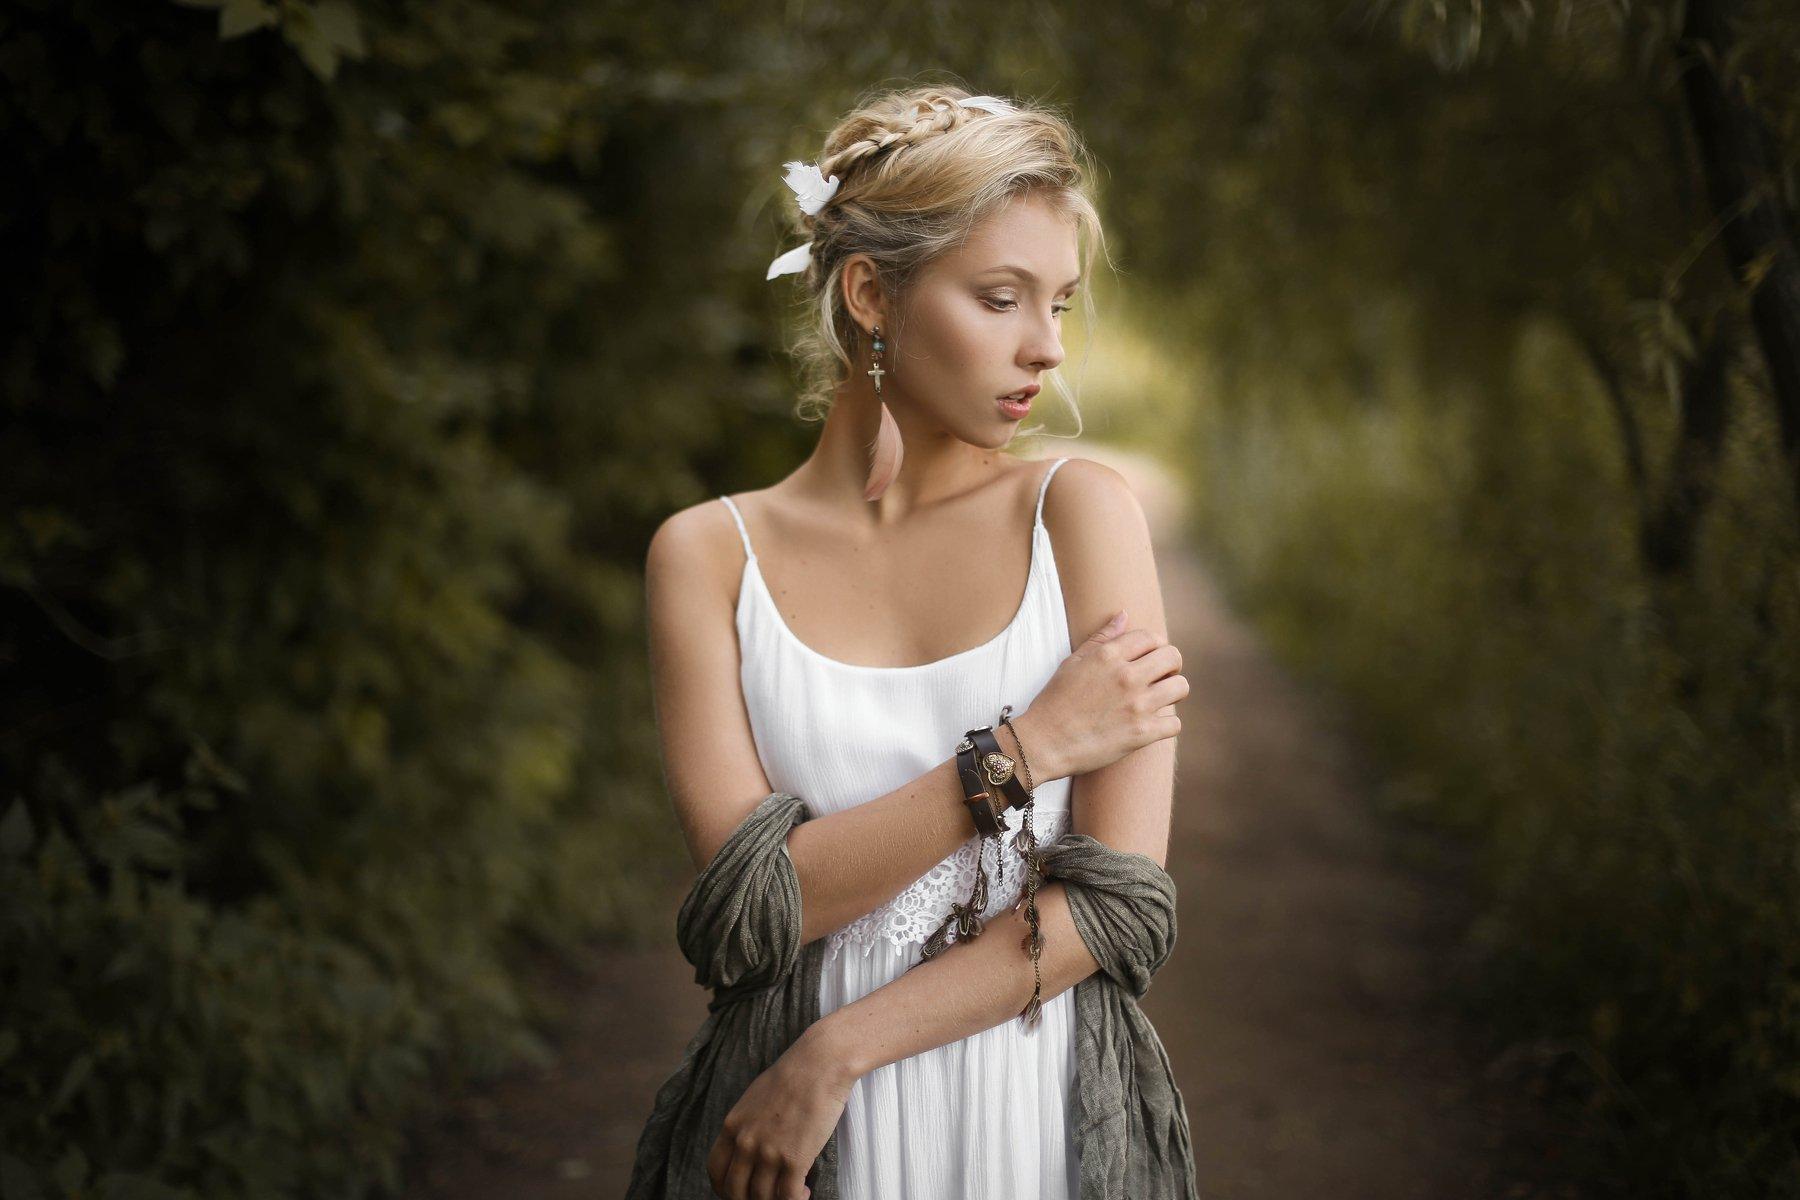 портрет арт art девушка красота модель, Баринова Аполлинария